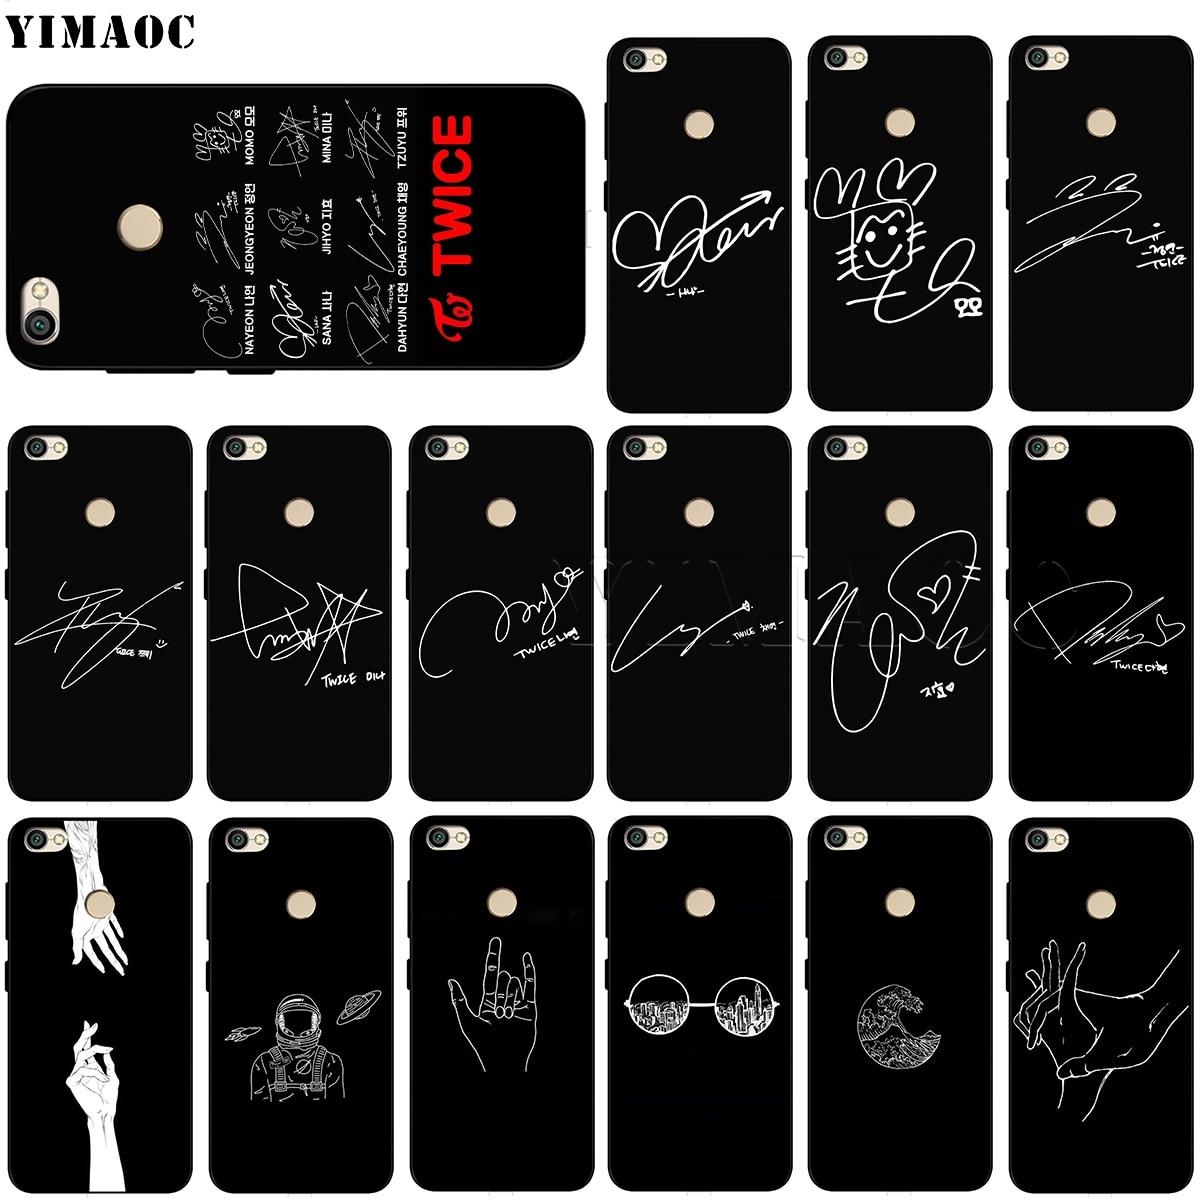 YIMAOC Twice Signature Soft Silicone Case for Xiaomi Redmi Note 4 4x 4a 5 5a 6 Pro Prime Plus